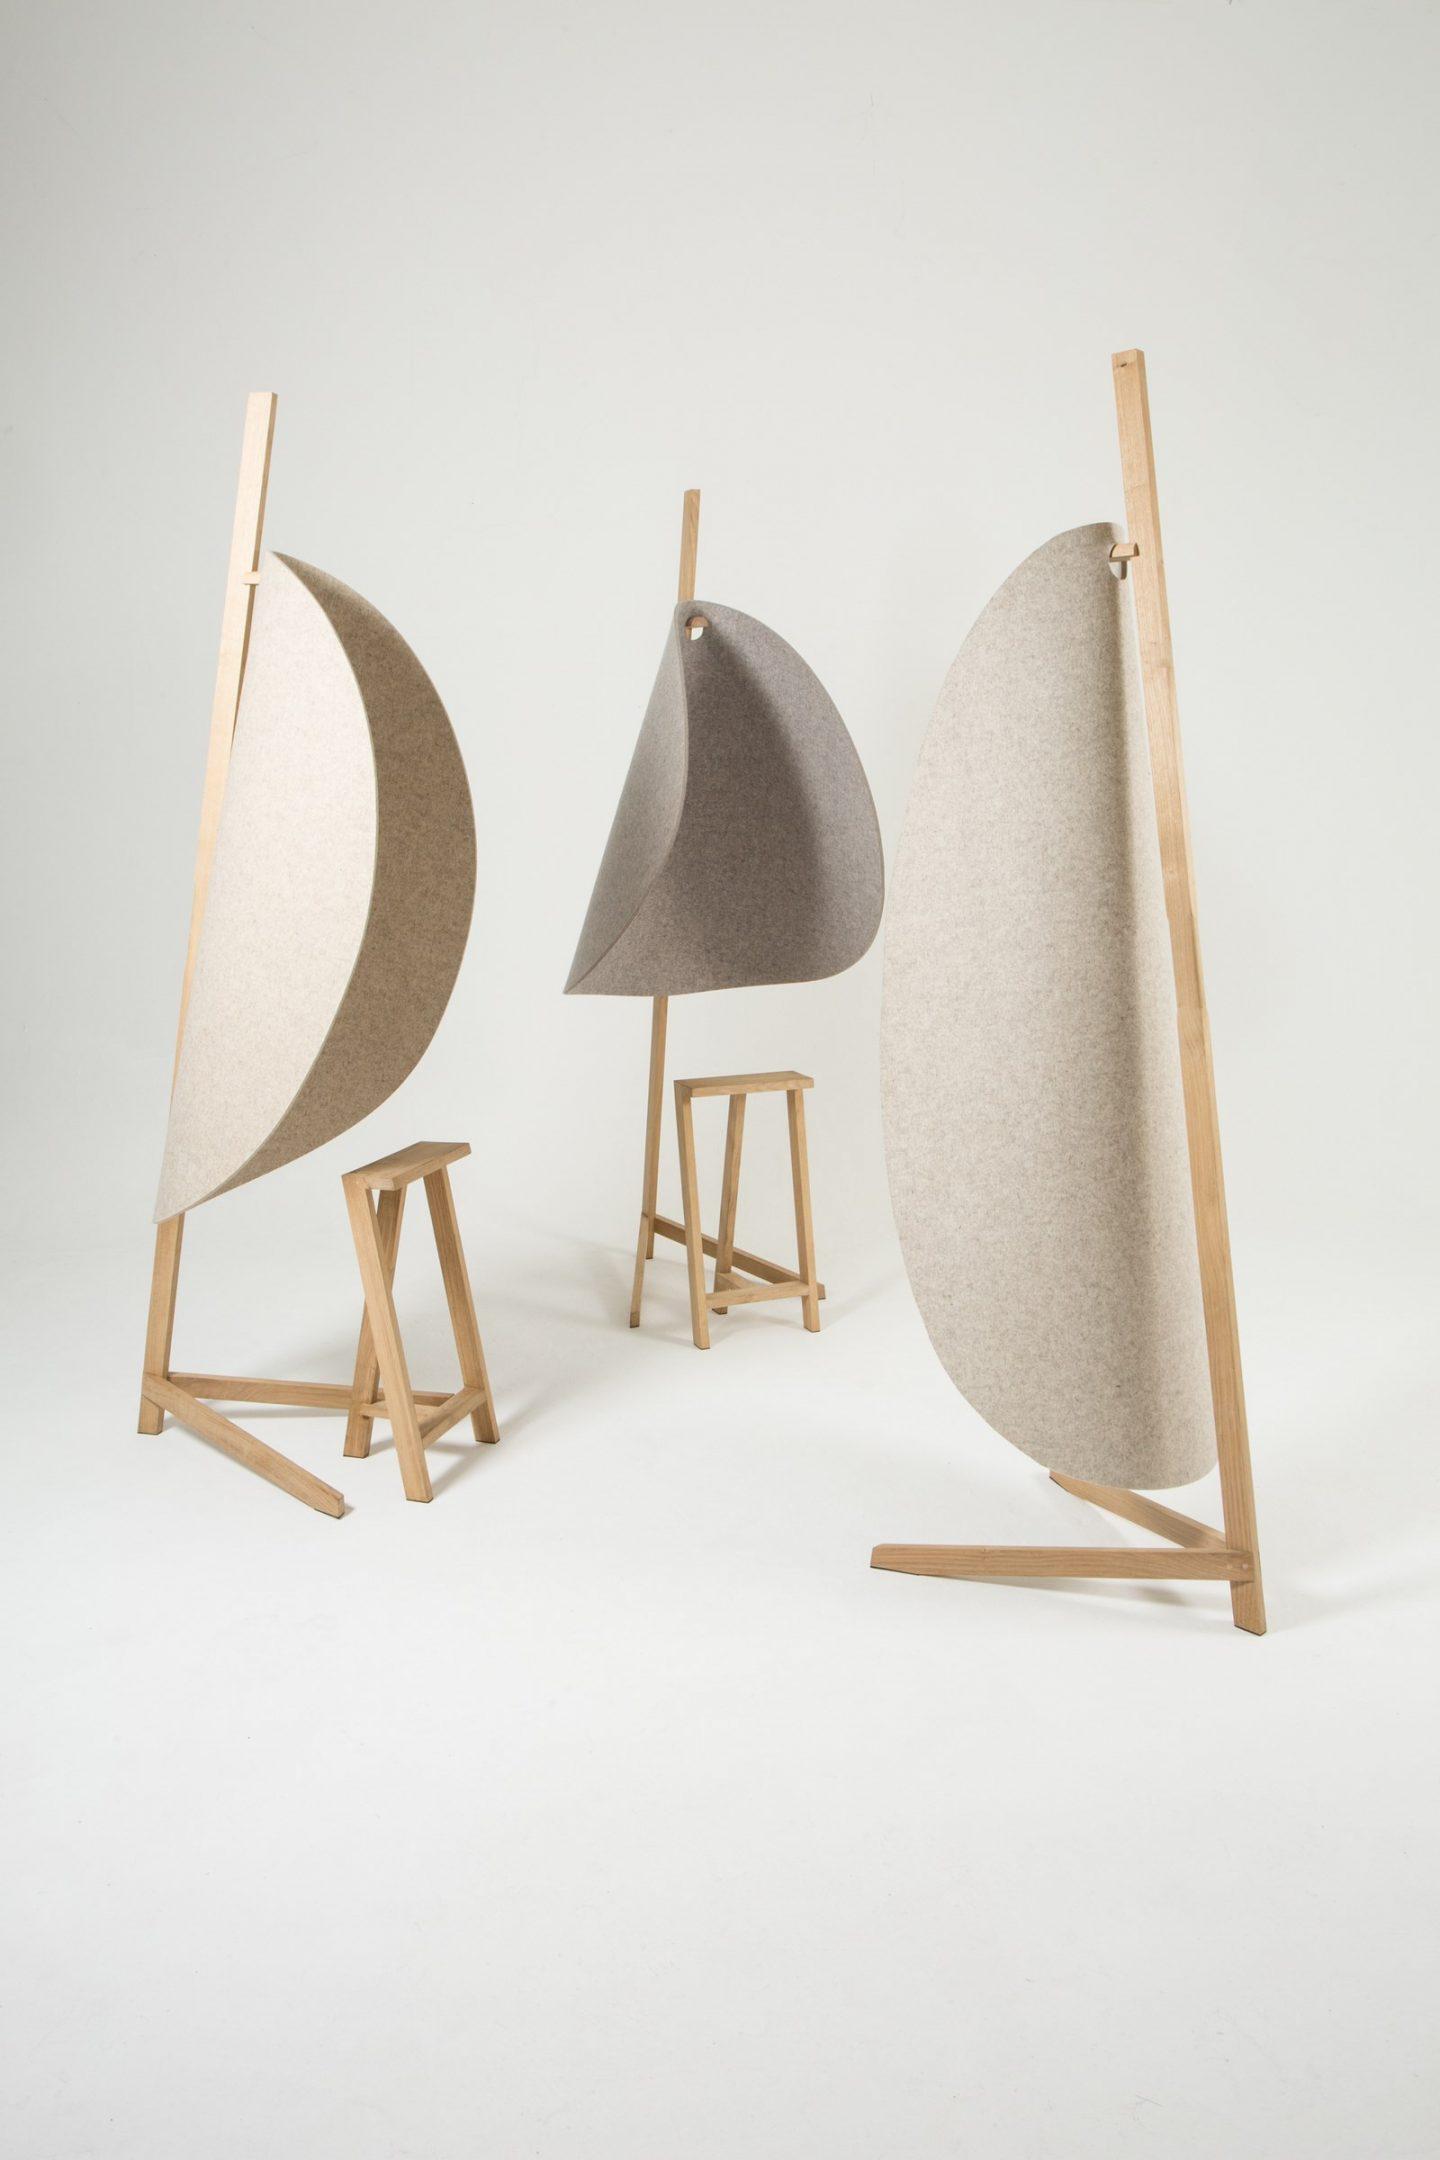 Miko_Miko_Design (4)